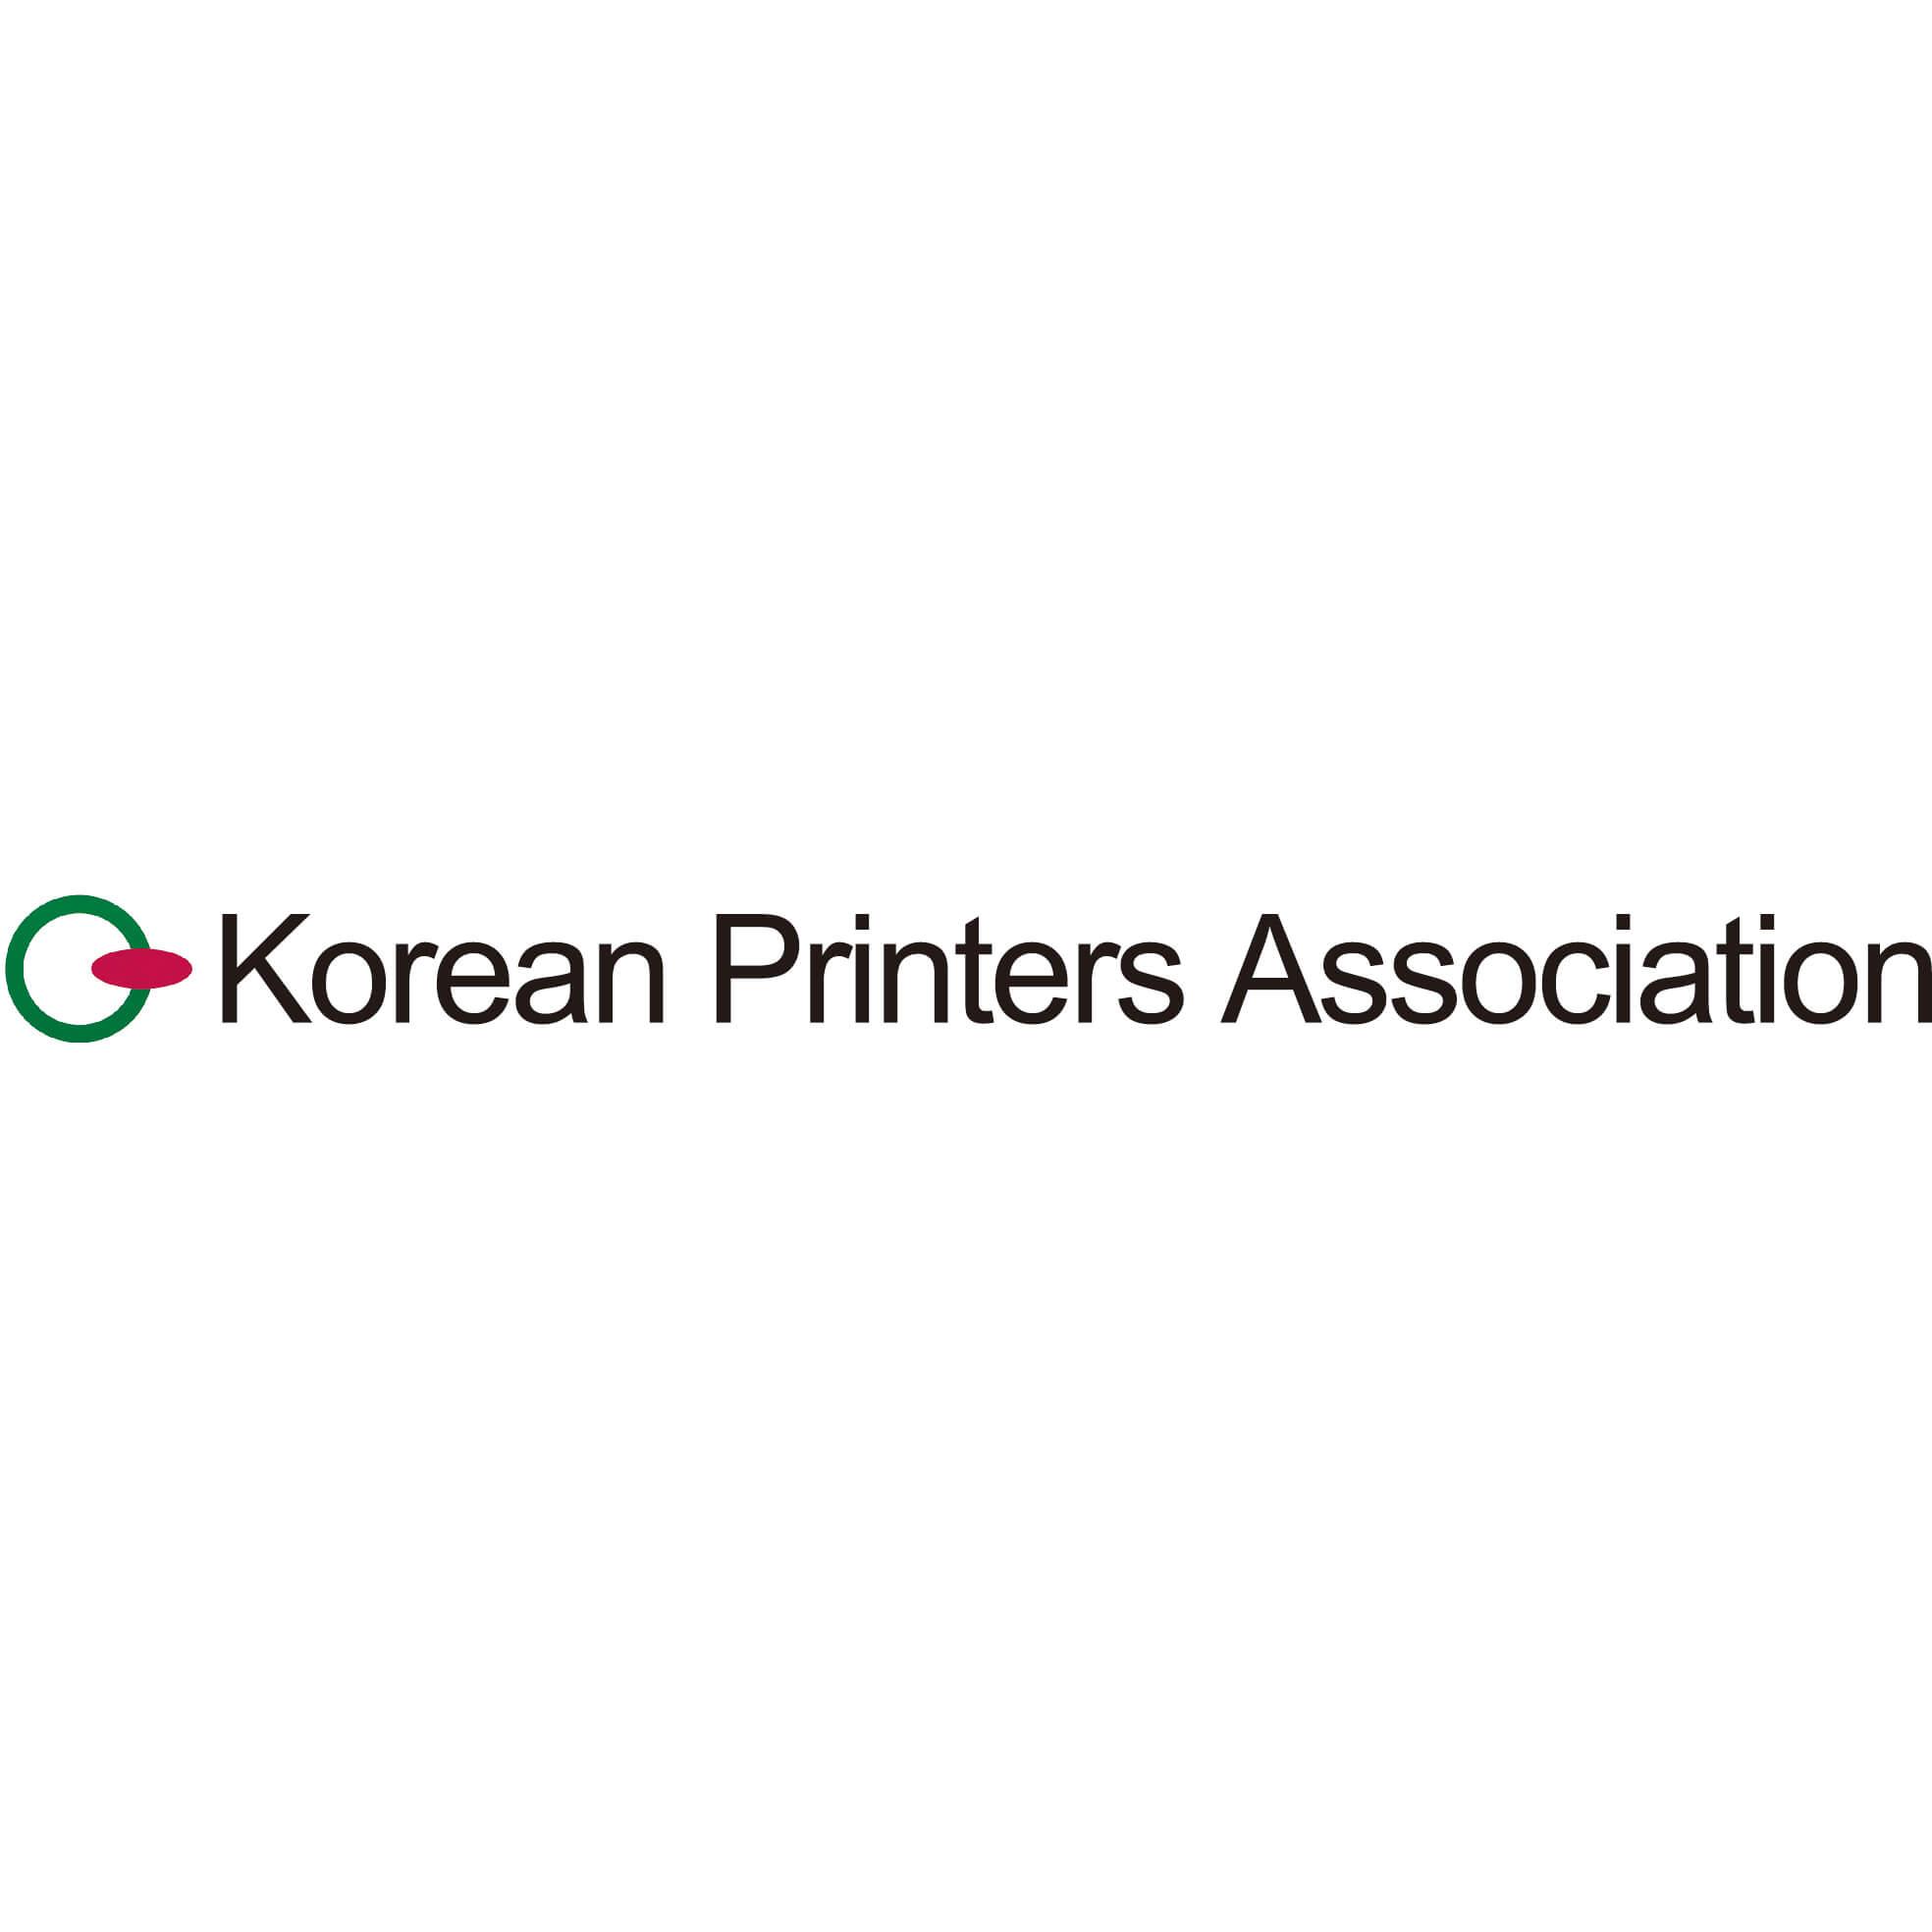 대한인쇄문화협회(영문)